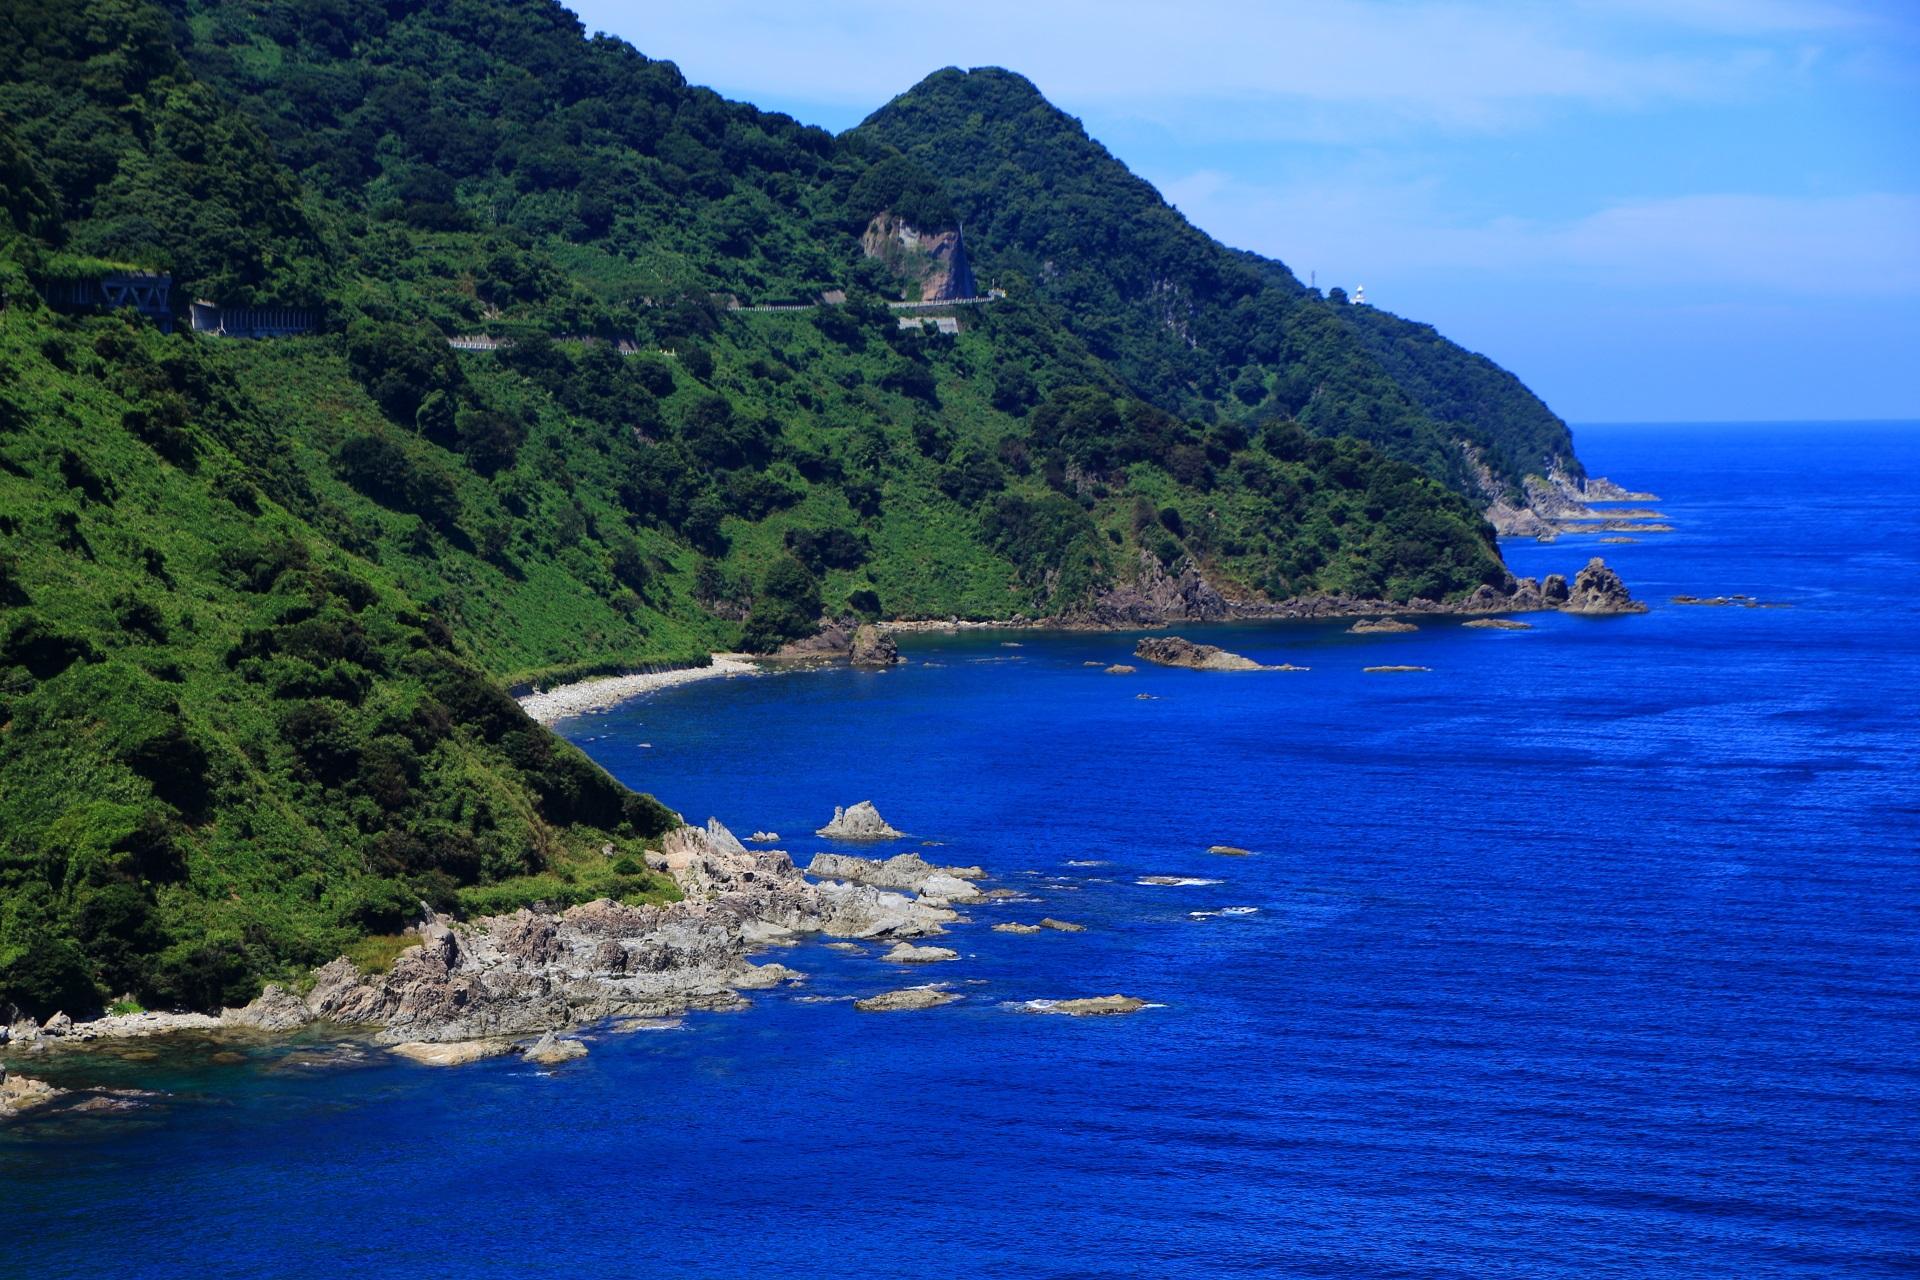 丹後半島の甲崎(さるざき)から北端の経ヶ岬(きょうがみさき)へ続くカマヤ海岸